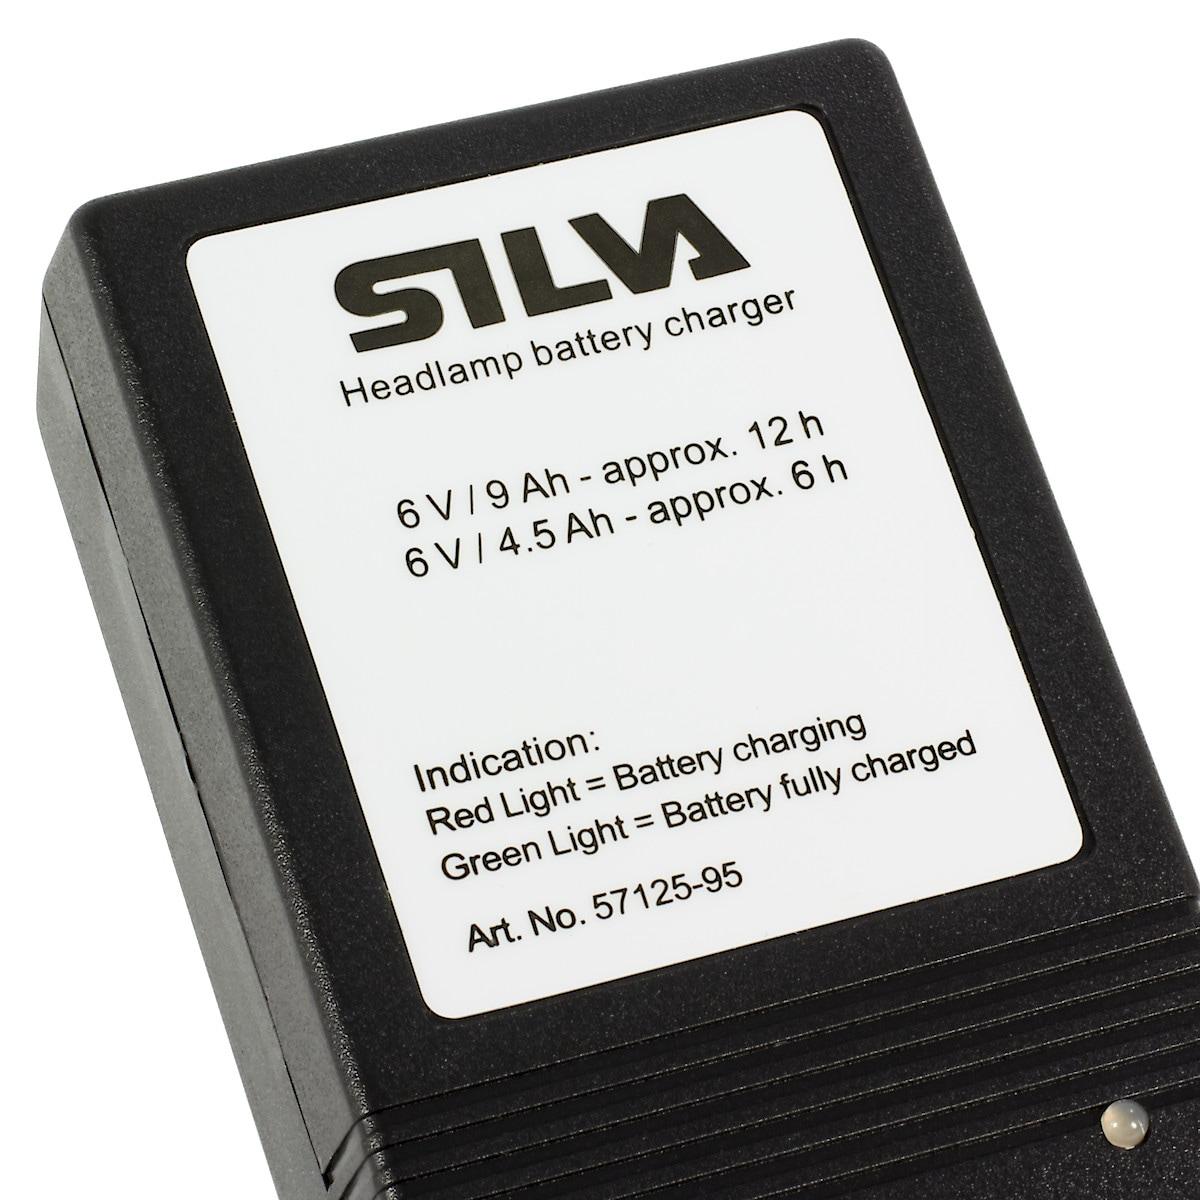 Ladegerät Silva 6 V 57125-95